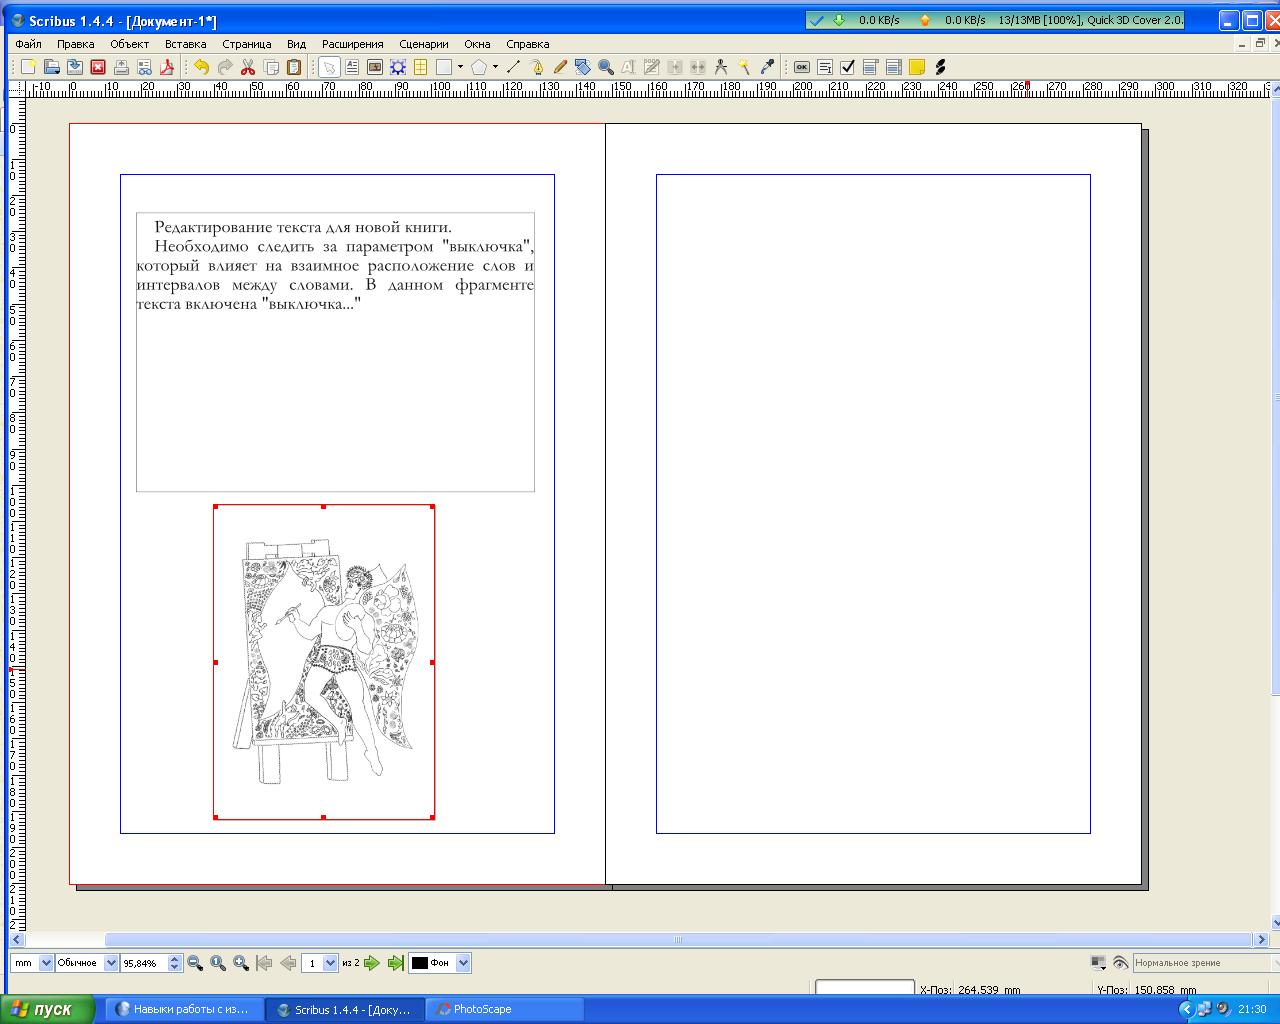 Как убрать отступы и поля у всех элементов на странице? - Htmlbook